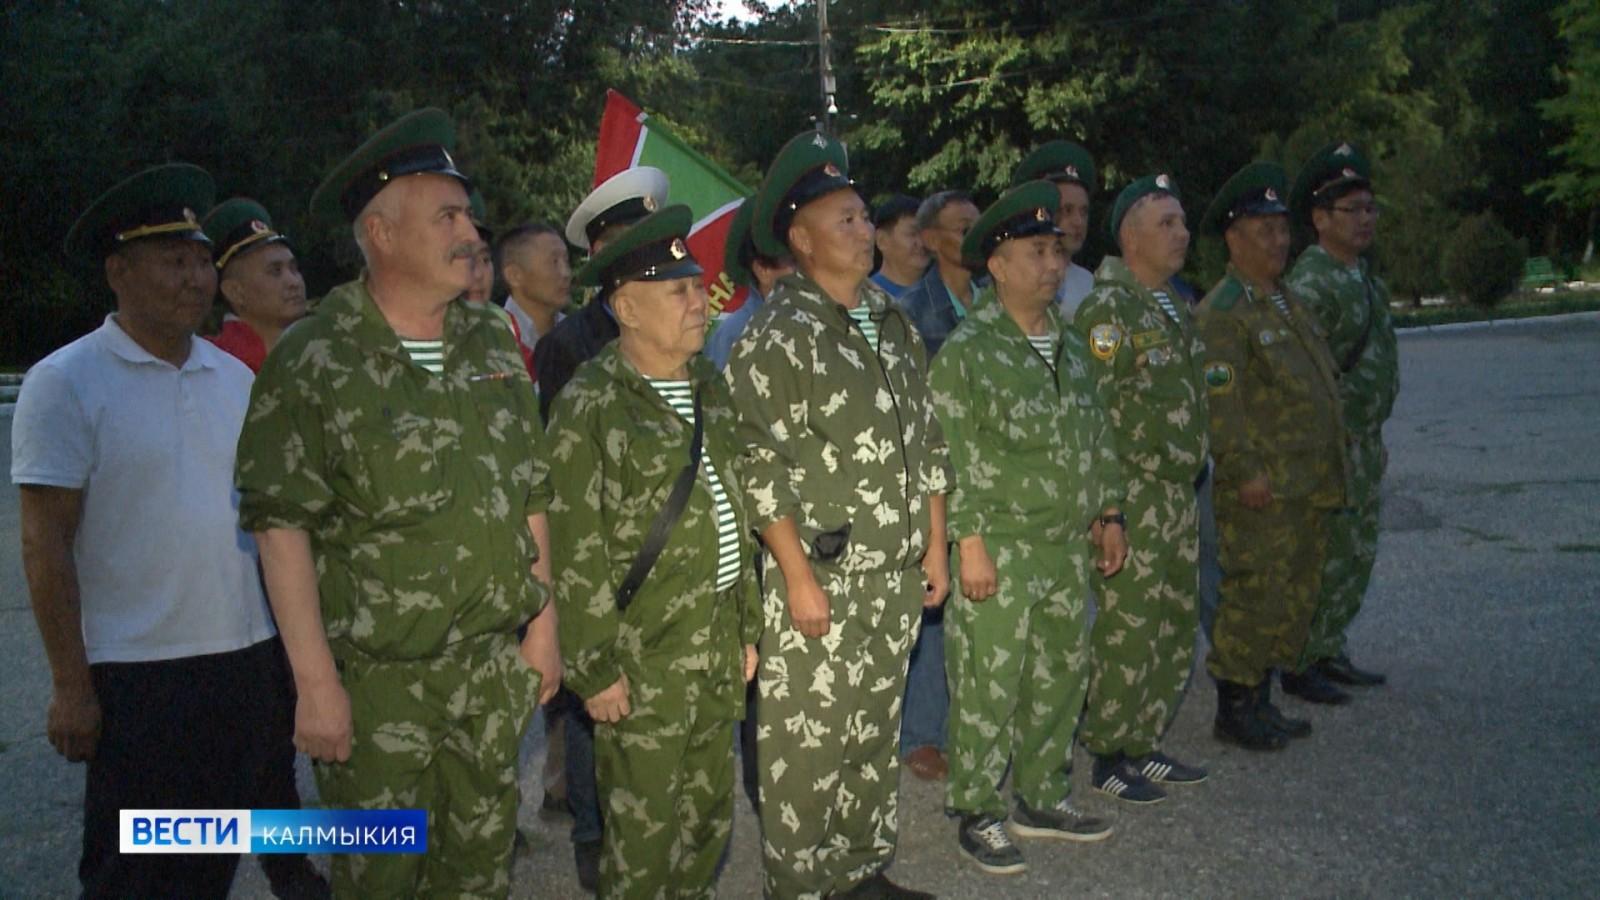 Сегодня в России - 103 годовщина со дня создания пограничных войск